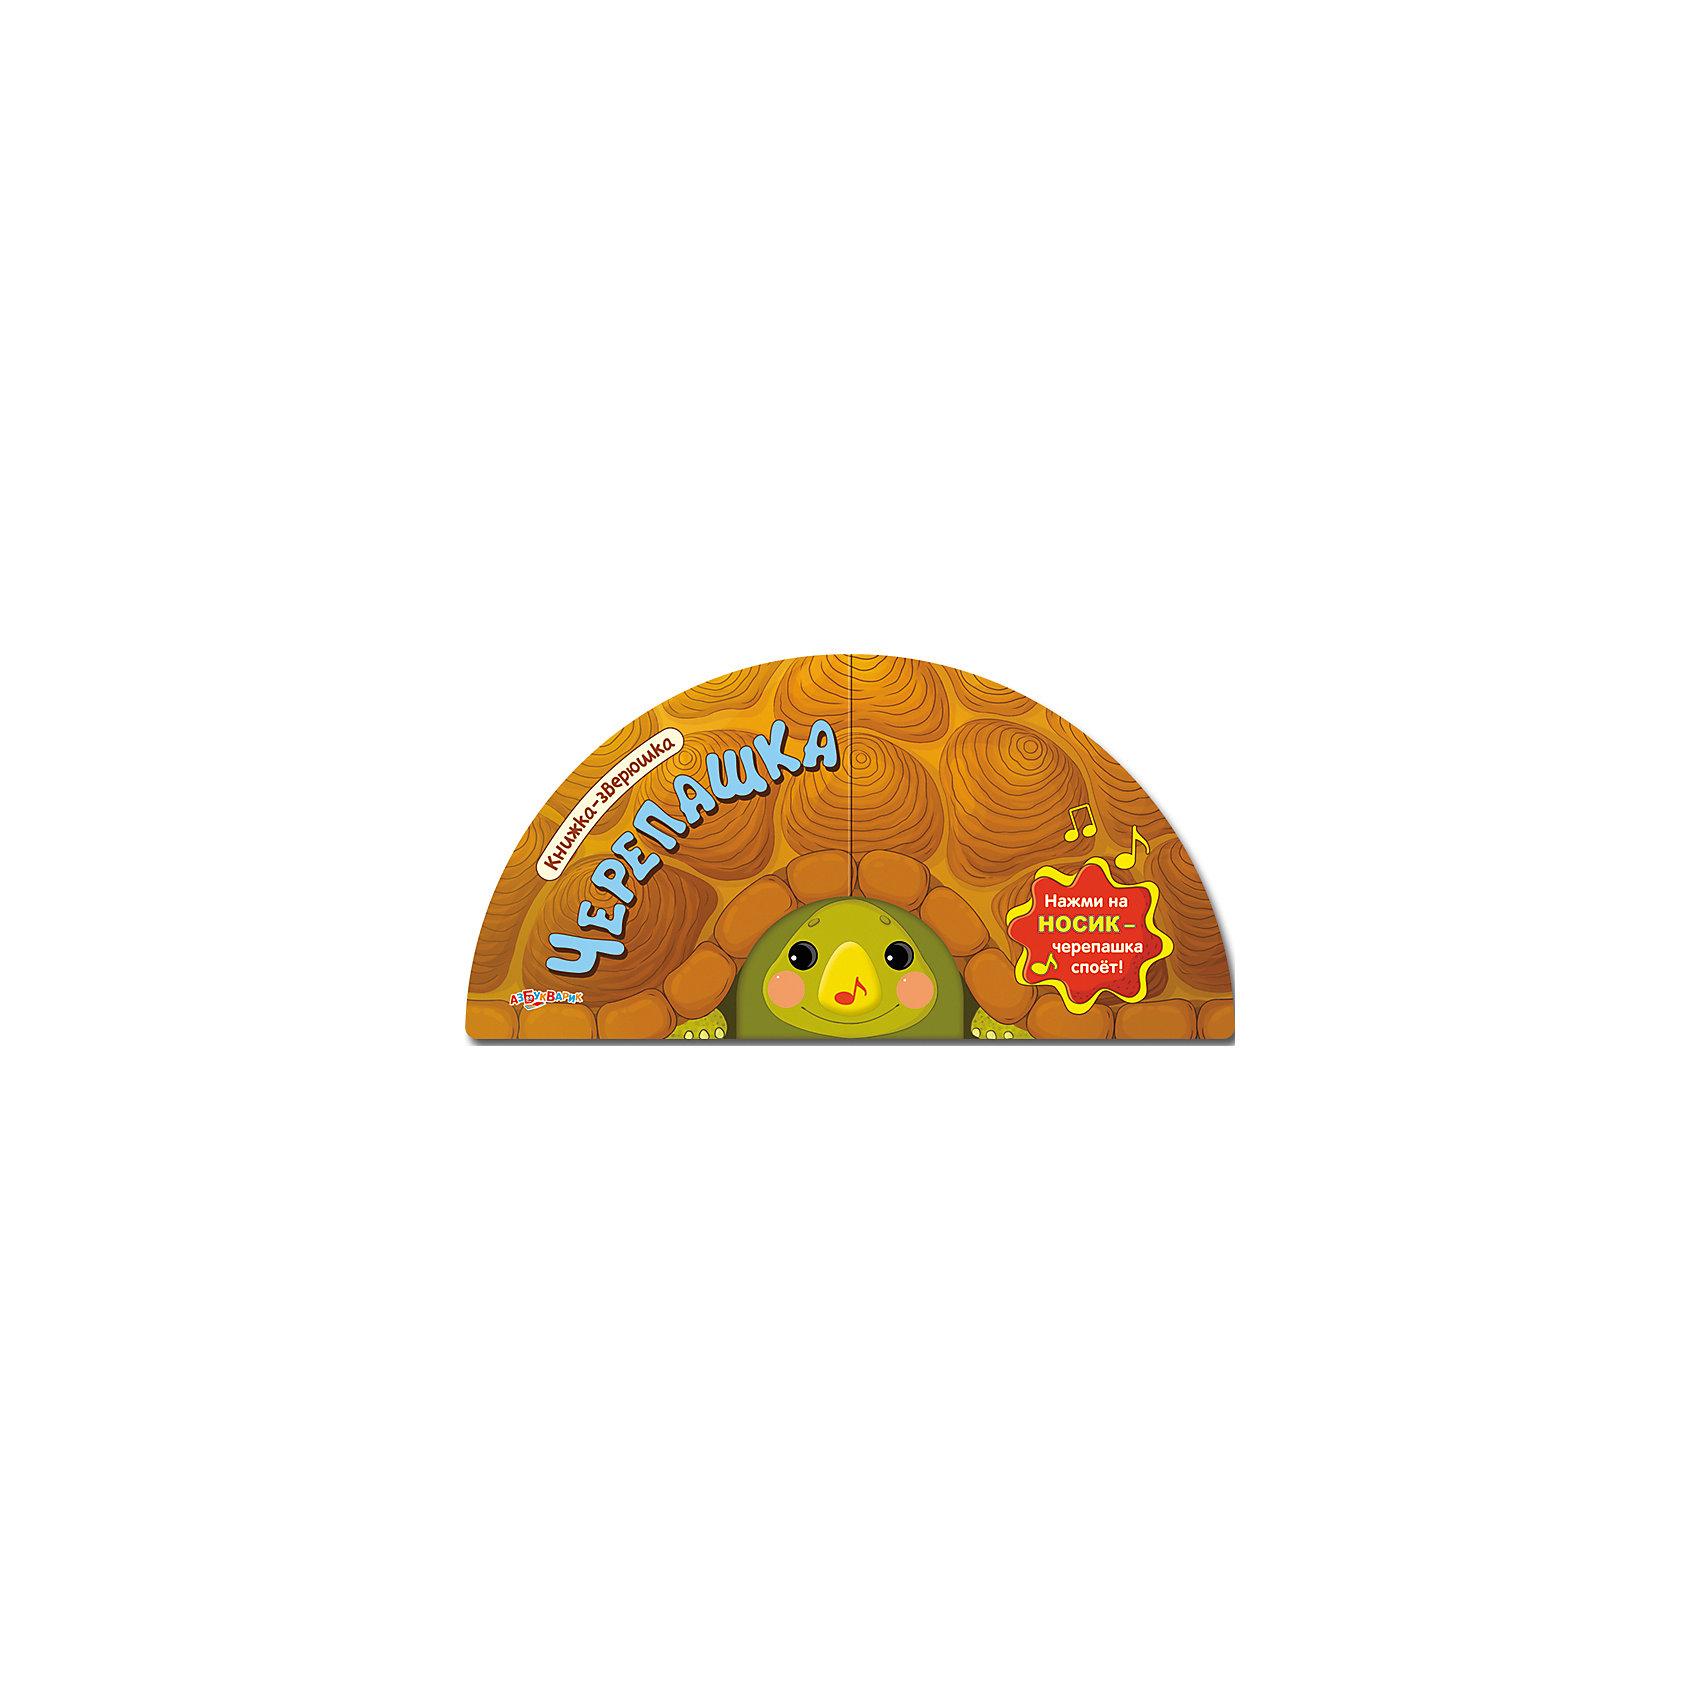 Книжка-зверюшка ЧерепашкаКниги для девочек<br>Книжка-зверюшка Черепашка – это красочно иллюстрированная картонная книжка, которая приглашает вашего малыша в зоопарк.<br>Книжка-зверюшка Черепашка - это забавная книжка в виде полукруга познакомит малышей с обитателями зоопарка – львом, слоном, жирафом и многими другими, а если малыш нажмет на носик черепашки, то она споет веселую песенку о себе и своих друзьях. Книжка оптимального формата, ее удобно листать в обе стороны маленькими детскими ручками!<br><br>Дополнительная информация:<br><br>- Редакторы-составители: Марина Зверева-Шульгина, Ольга Курилина<br>- Художник: Наталья Четкова<br>- Автор песни: Таисия Мазаник<br>- Композитор: Сергей Поплавский<br>- Песню исполняет: Виктория Стриганкова<br>- Издательство: Азбукварик Групп<br>- Серия: Книжка-зверюшка<br>- Тип обложки: картон<br>- Оформление: звуковой модуль<br>- Количество страниц: 12 (картон)<br>- Иллюстрации: цветные<br>- Батарейки: 3 типа AG10 (в комплекте демонстрационные)<br>- Размер: 240х15х120 мм.<br>- Вес: 190 гр.<br><br>Книжку-зверюшку Черепашка можно купить в нашем интернет-магазине.<br><br>Ширина мм: 240<br>Глубина мм: 15<br>Высота мм: 120<br>Вес г: 190<br>Возраст от месяцев: 12<br>Возраст до месяцев: 36<br>Пол: Унисекс<br>Возраст: Детский<br>SKU: 4663787